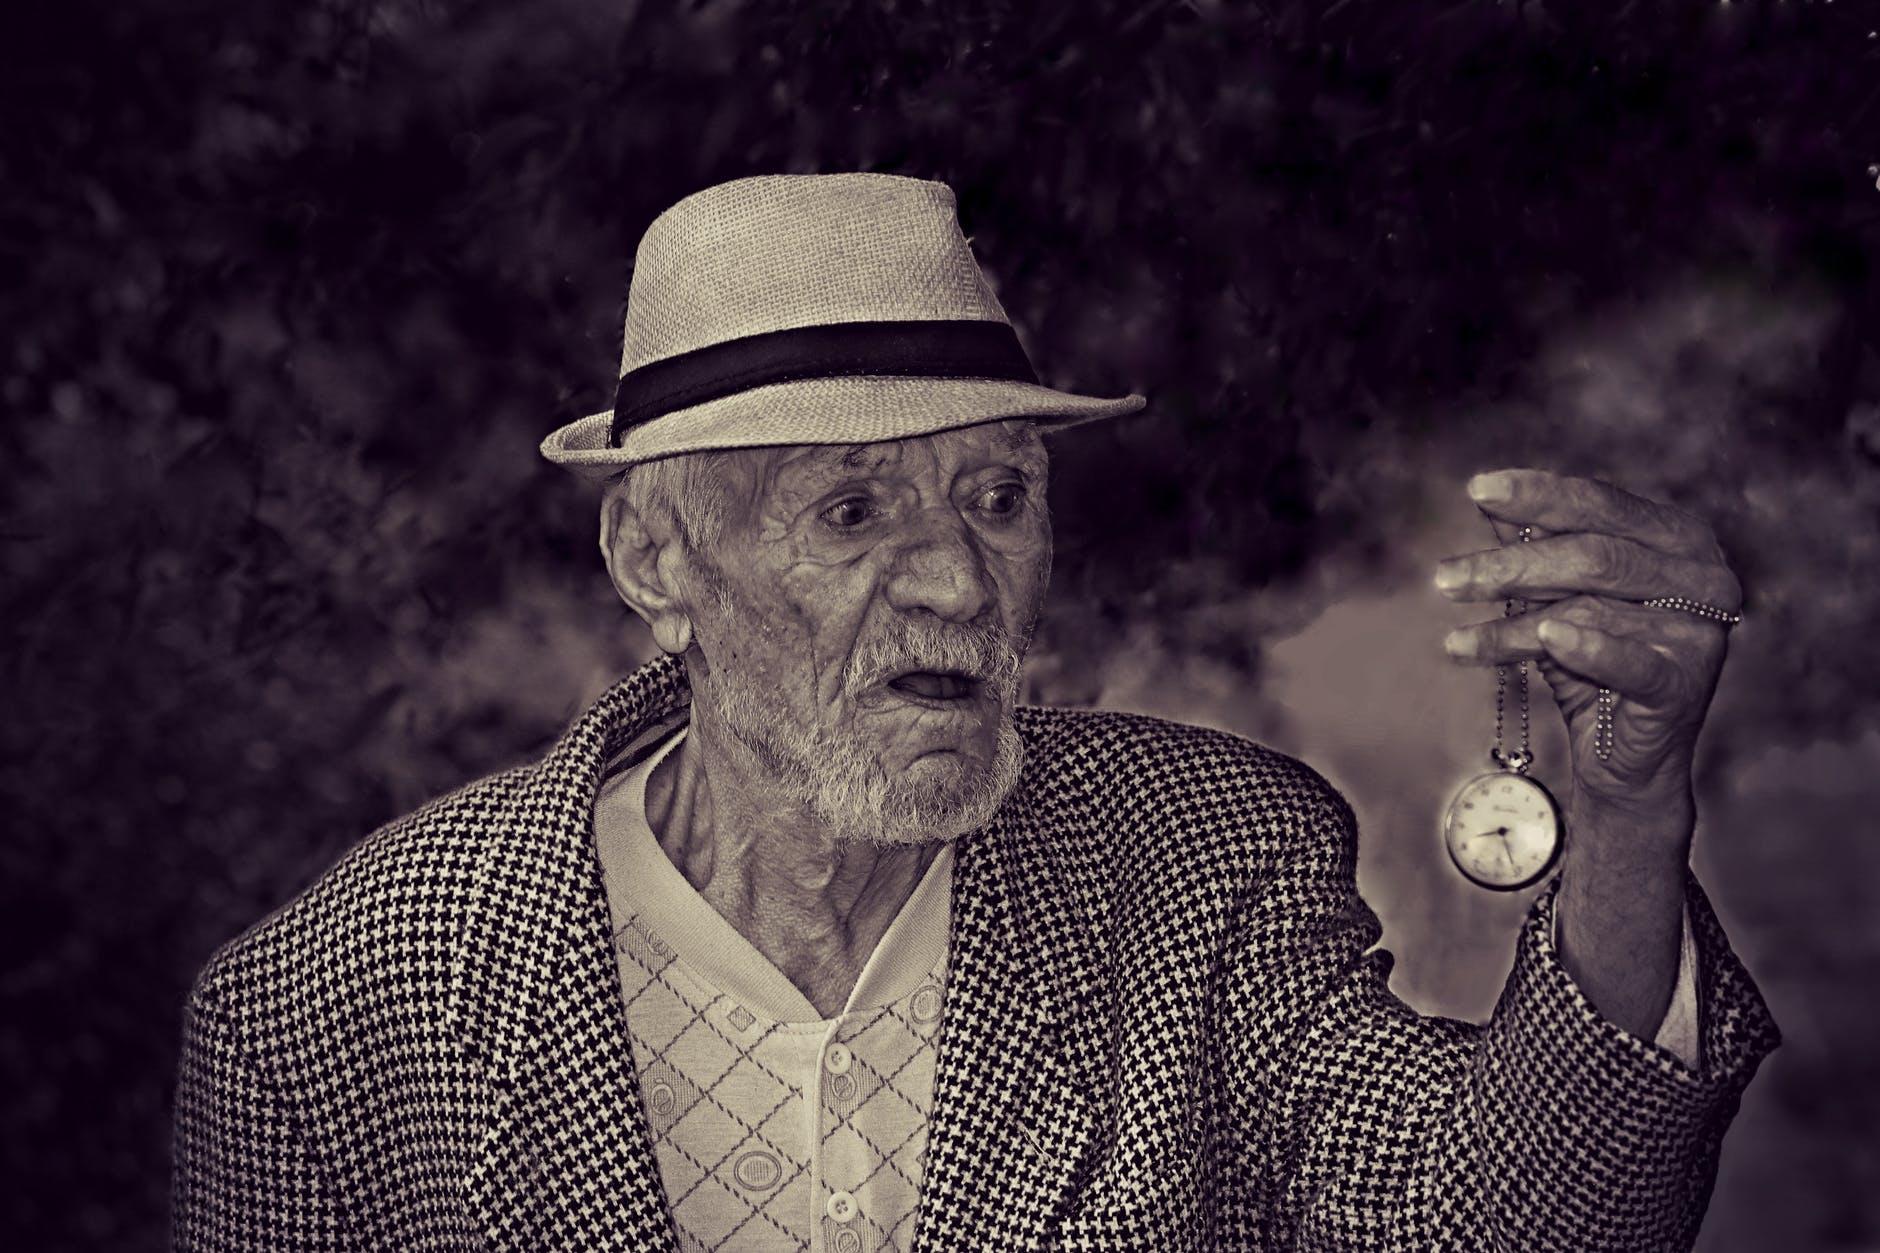 Što smo stariji, vrijeme nam brže prolazi. Znanstvenici objasnili zašto!